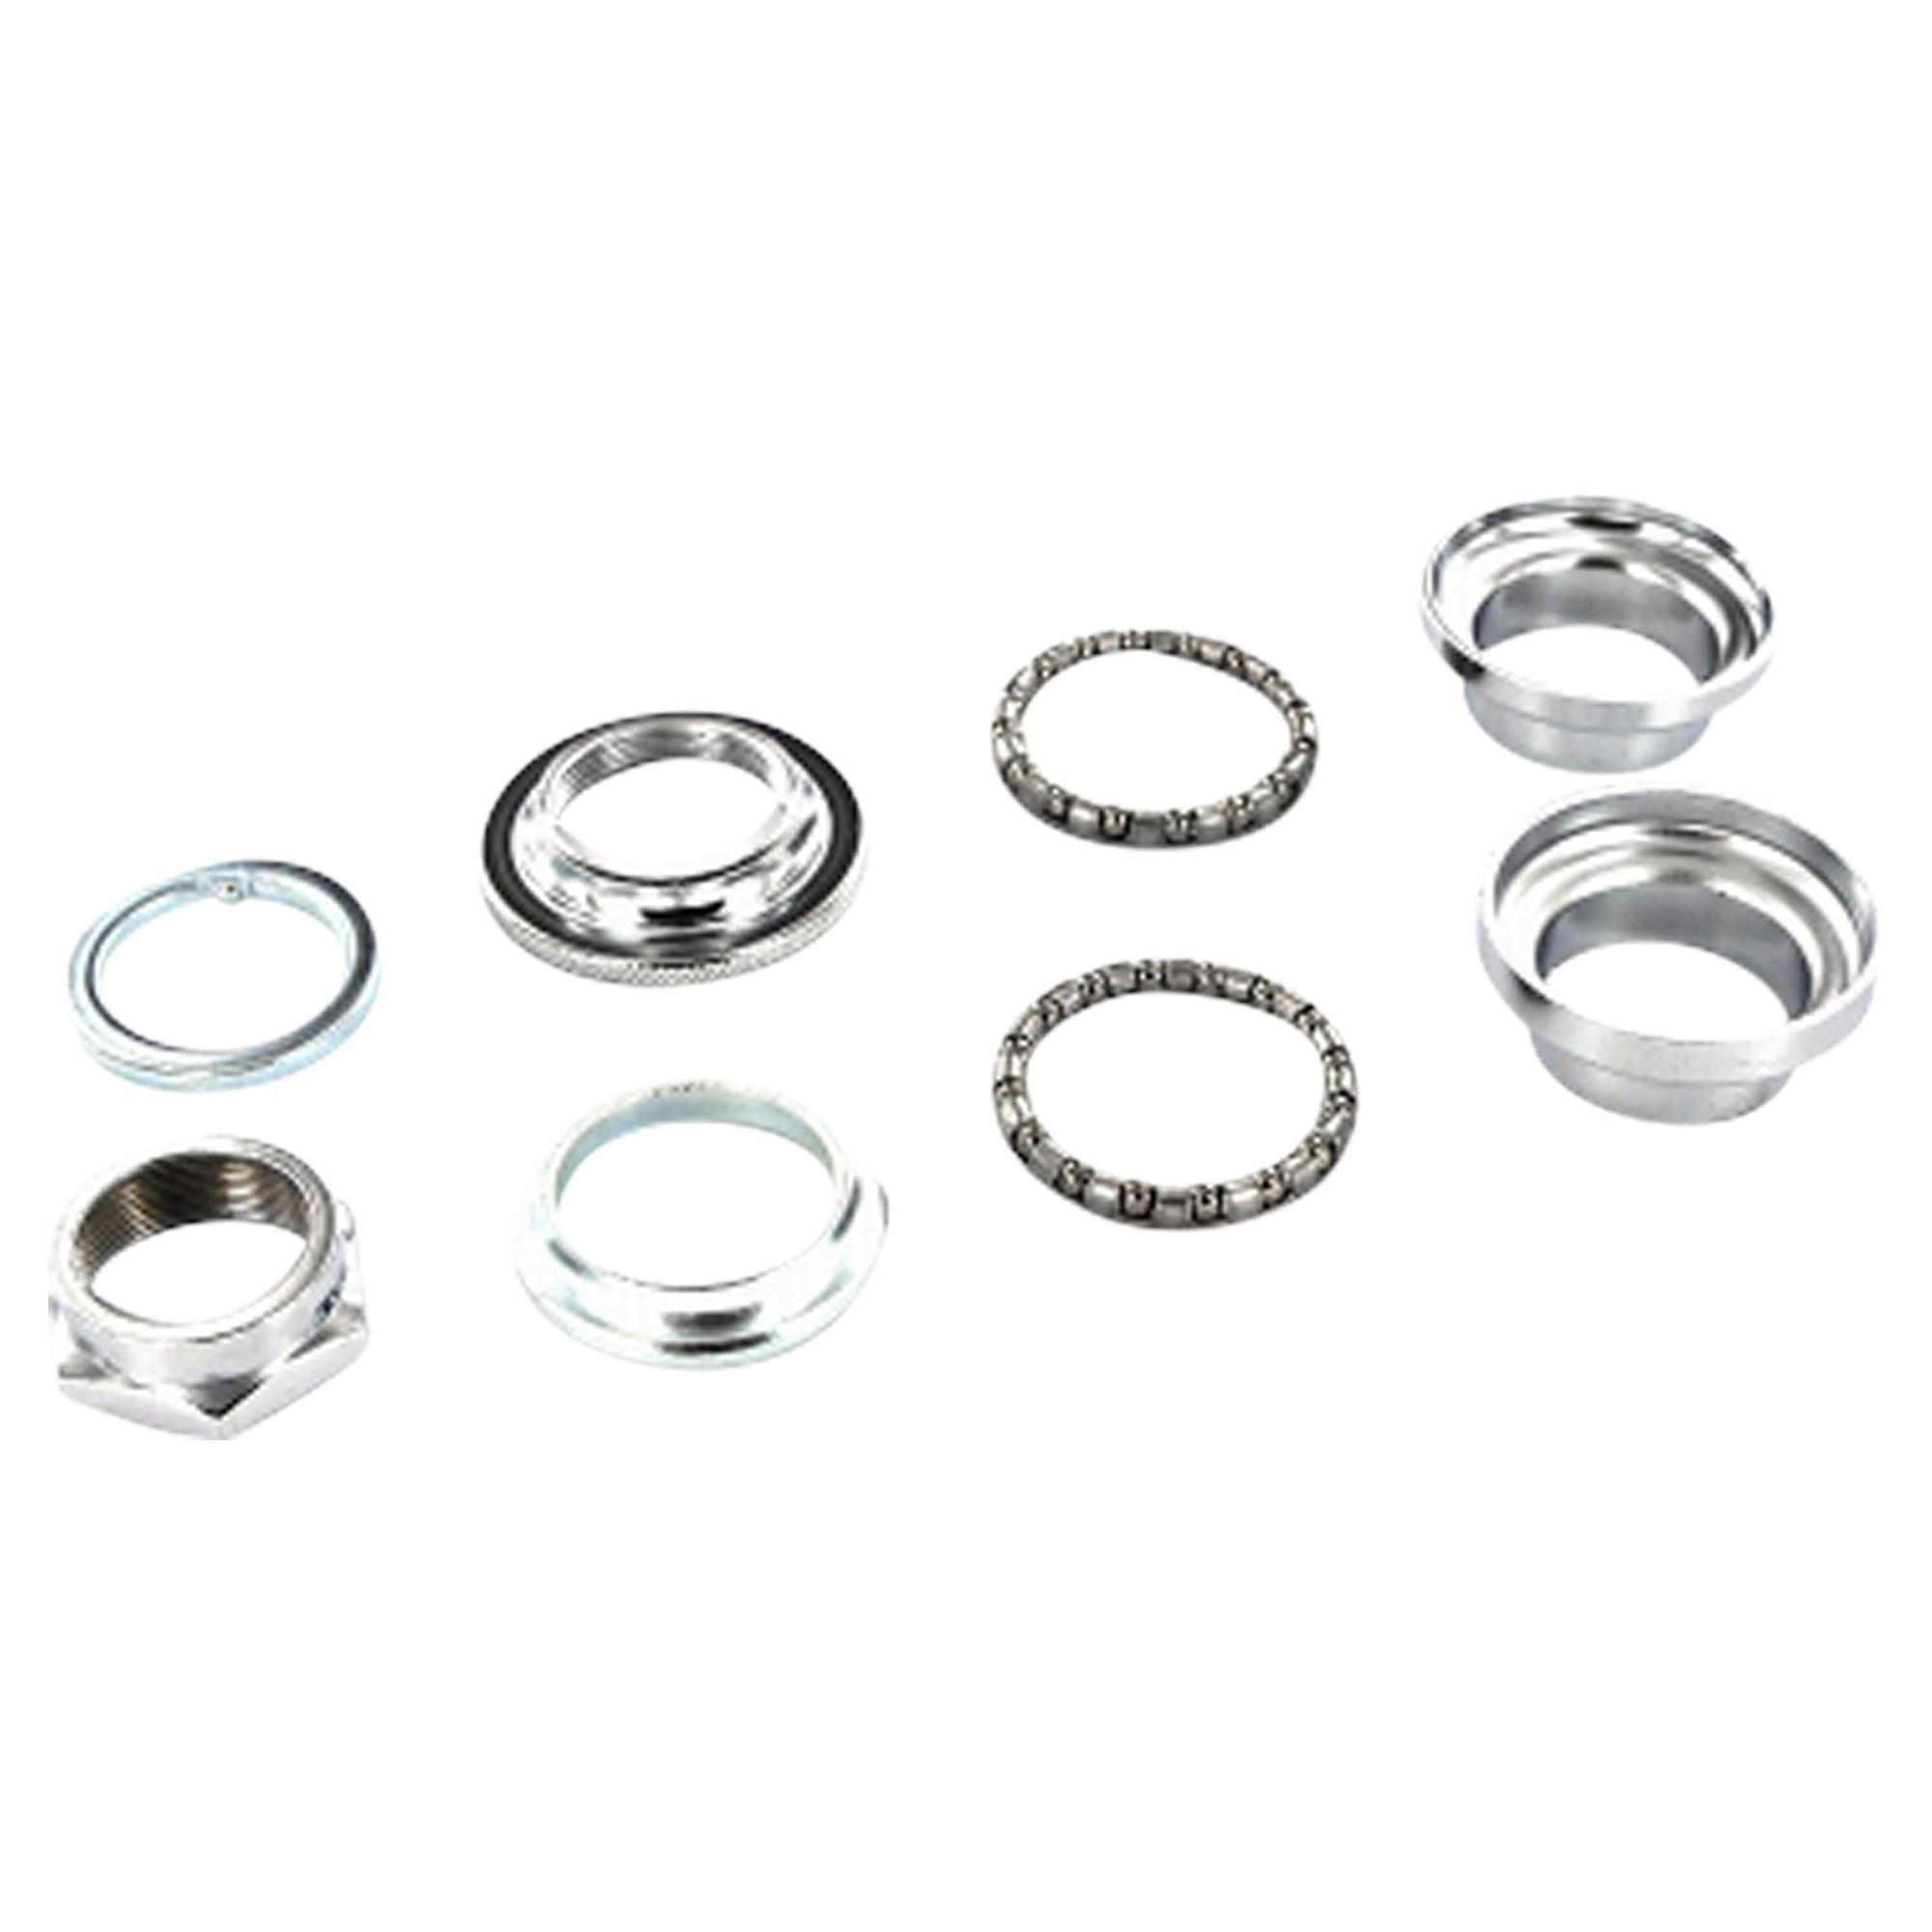 Workshop Balhoofdstel 1″ opschroefbaar zilver kopen? Leest dit eerst: Fietsonderdelen Fietssturen en accessoires met korting